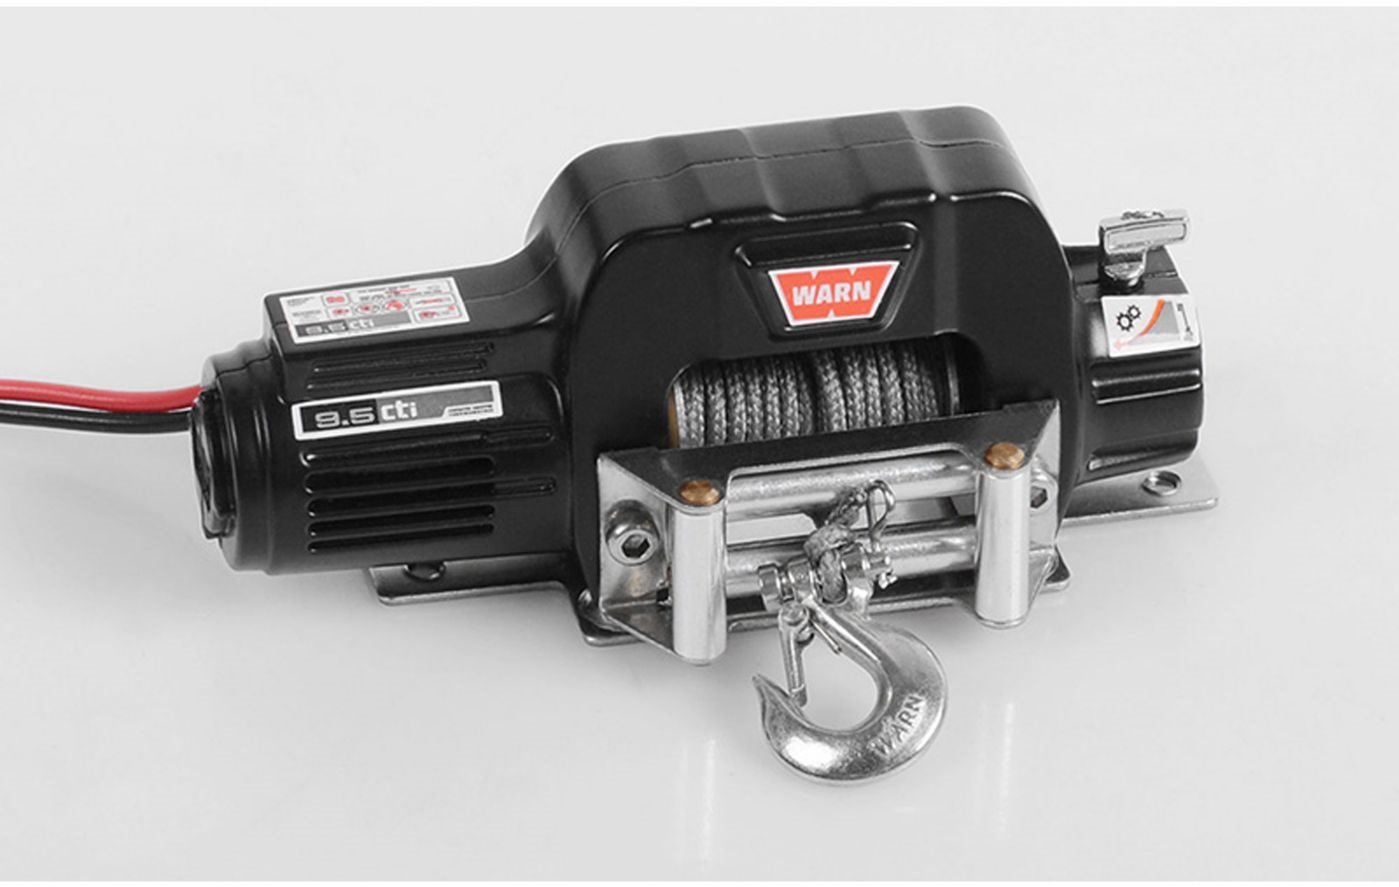 RC 4WD 1/10 Mini Warn 9.5cti Winch